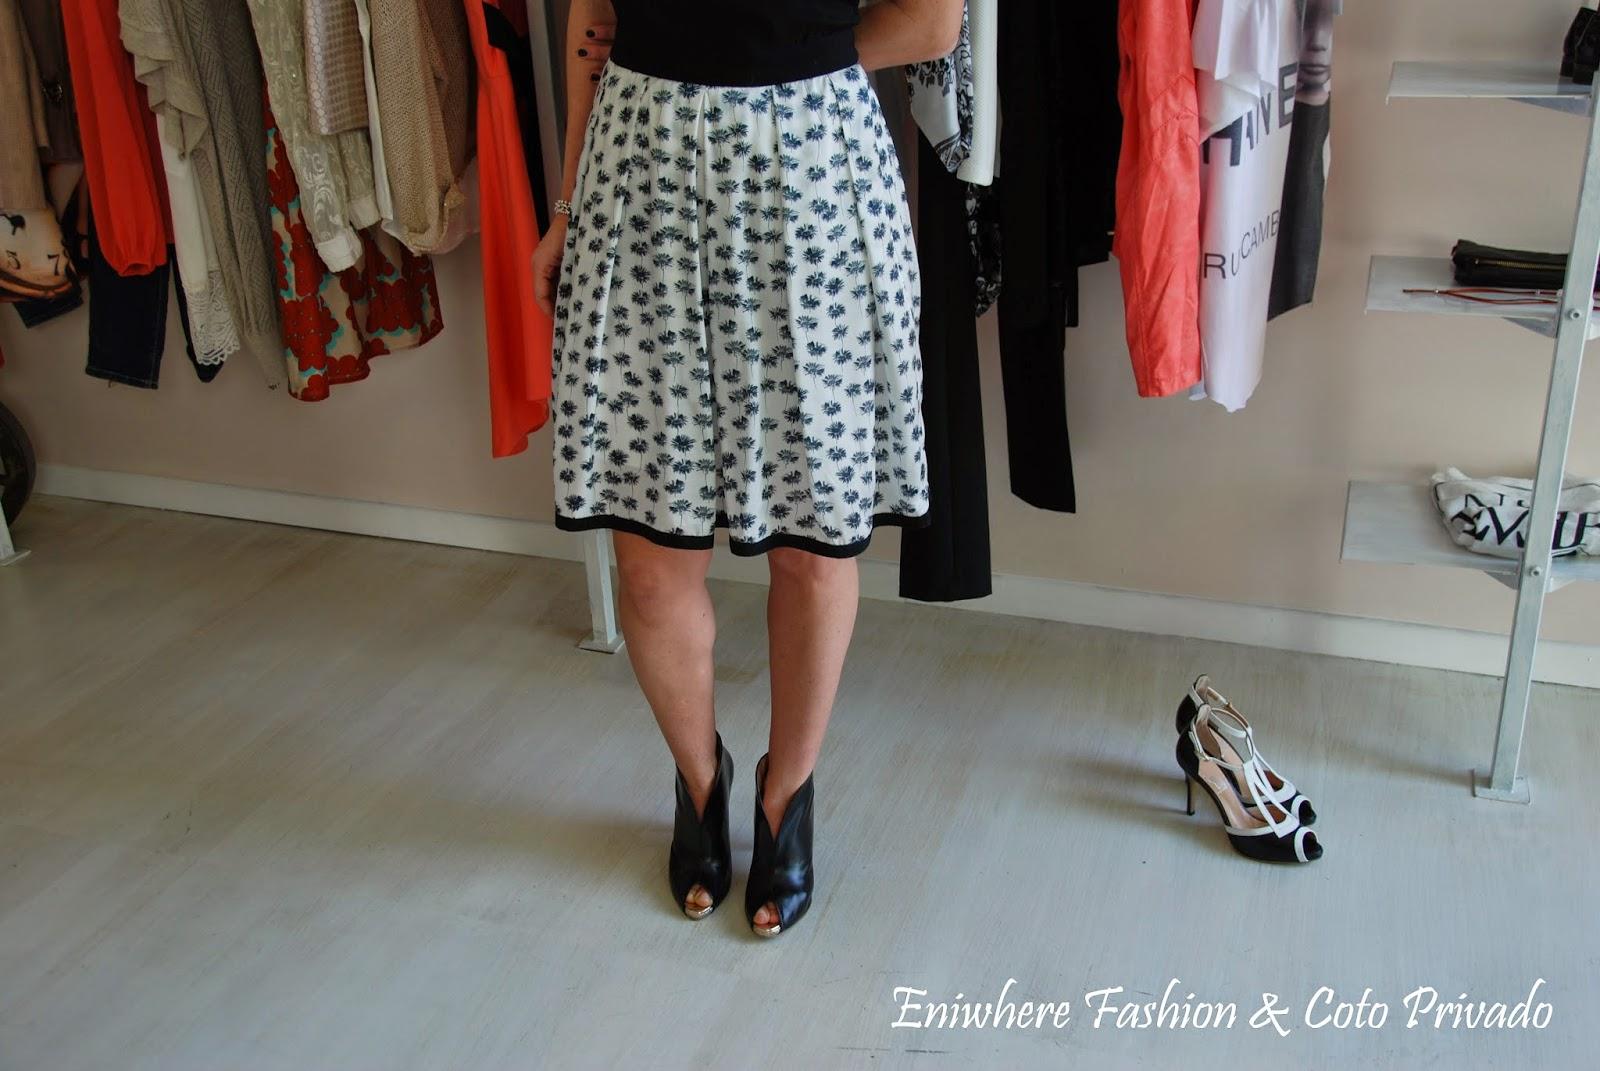 Eniwhere Fashion - Coto Privado - abito bianco e nero